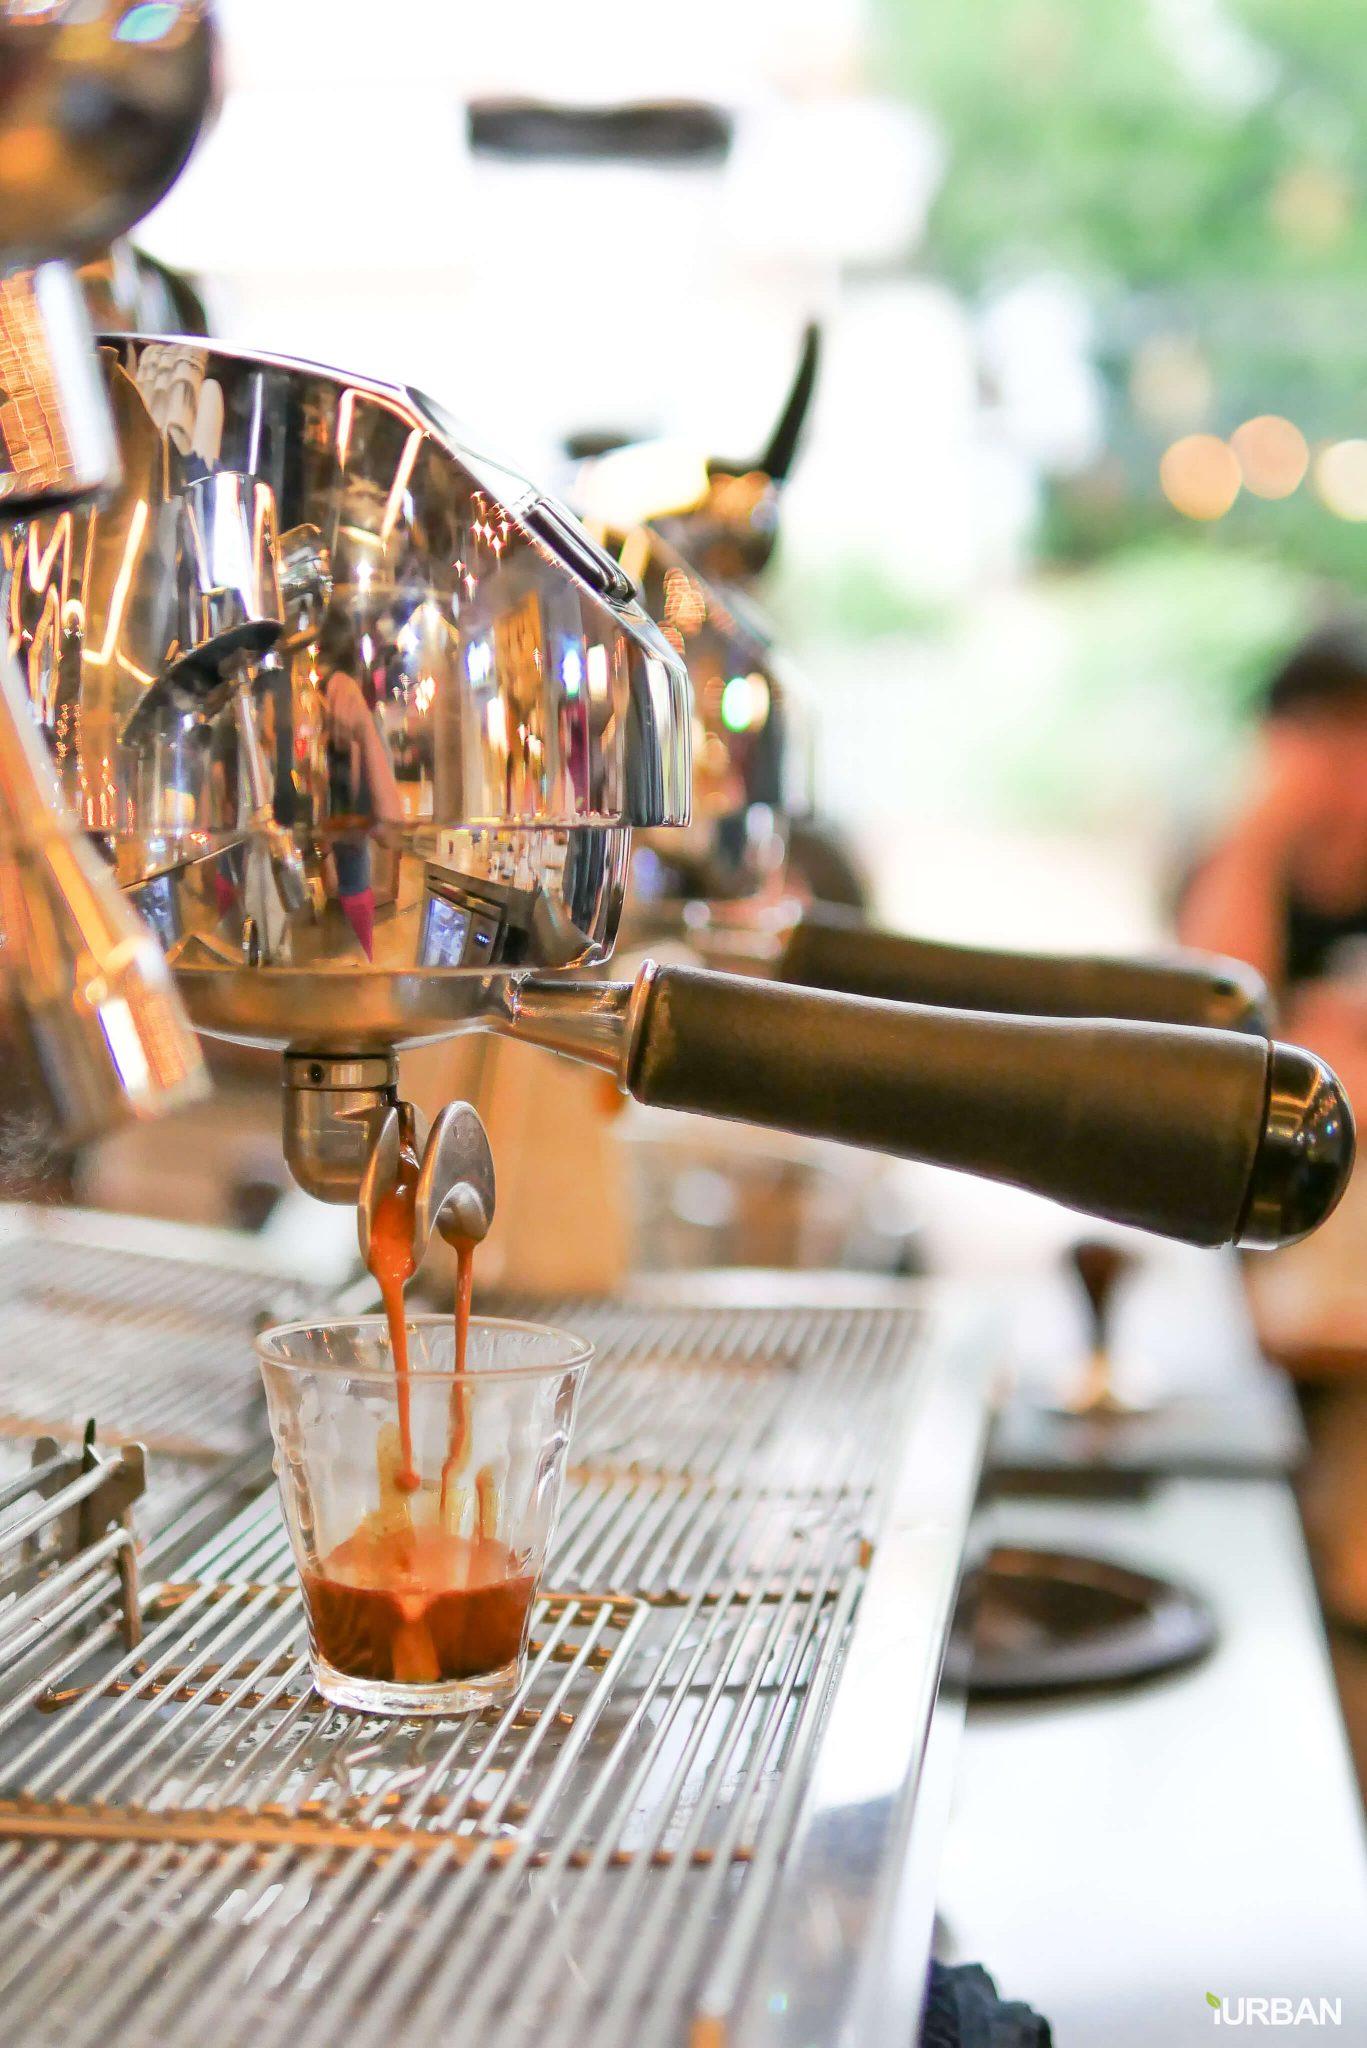 10 ร้านกาแฟ ทองหล่อ - เอกมัย เครื่องดื่มเด็ด บรรยากาศดี 24 - Ananda Development (อนันดา ดีเวลลอปเม้นท์)